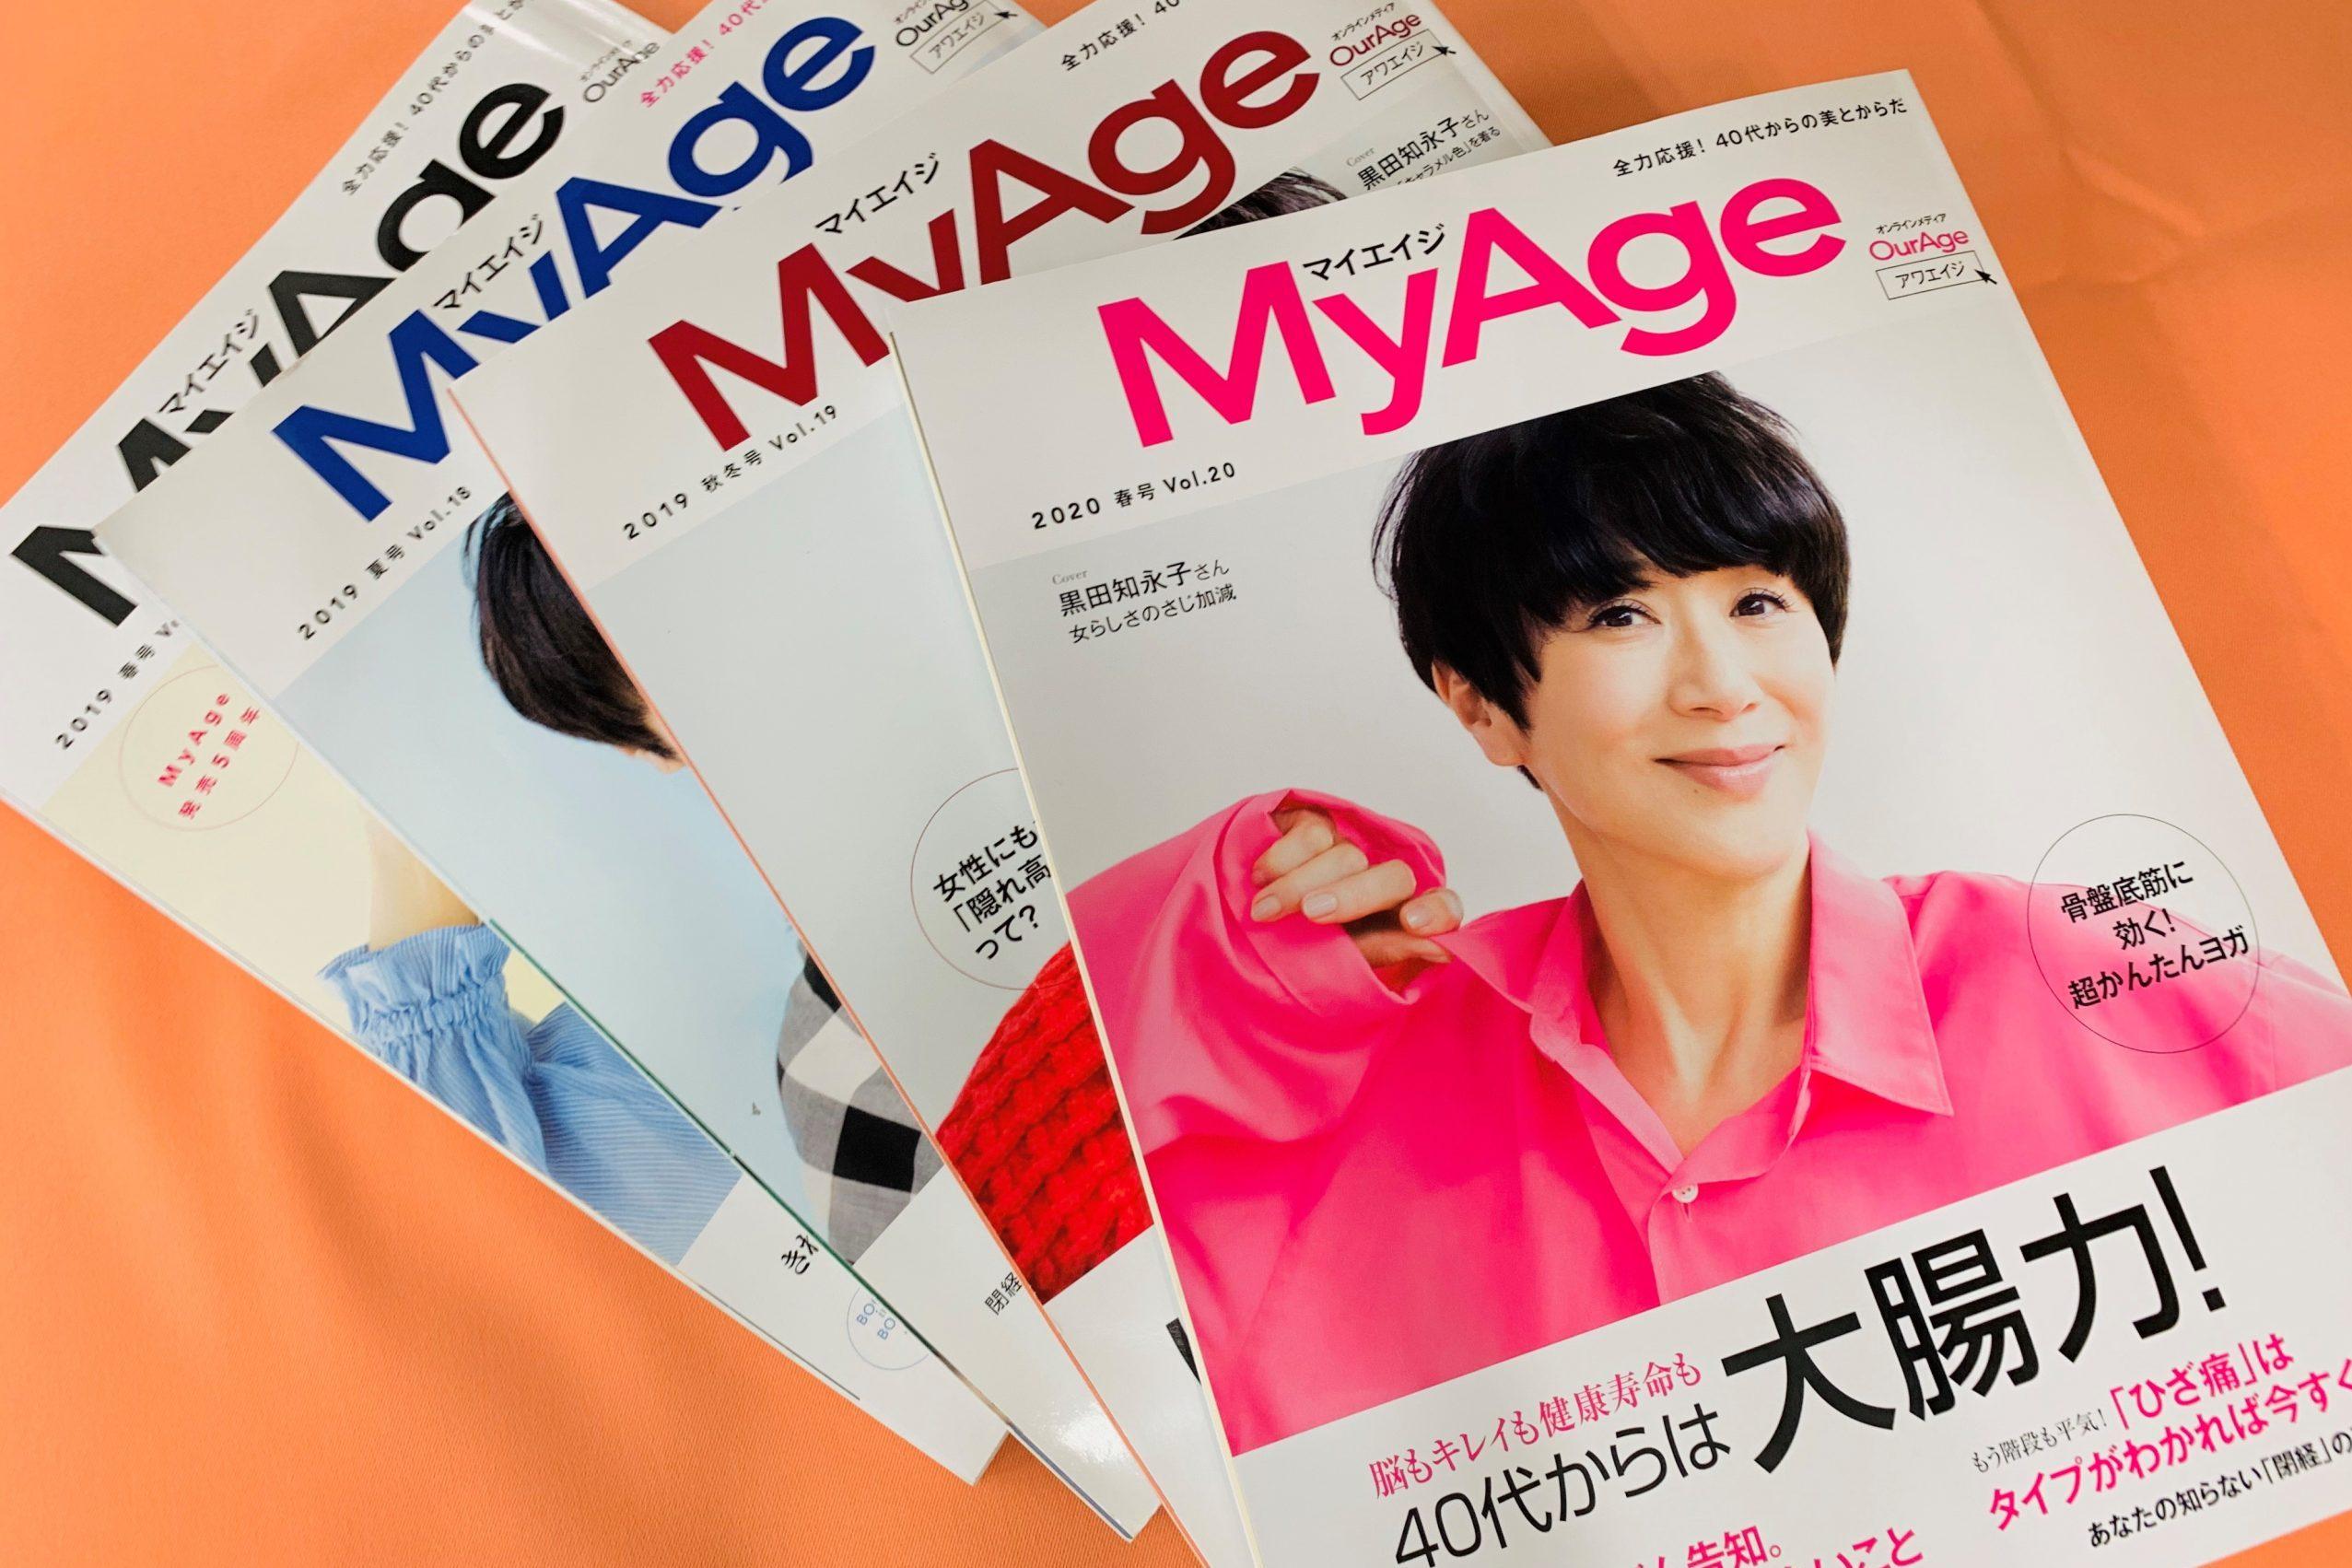 「MyAge」次号は9月2日発売の秋号です!